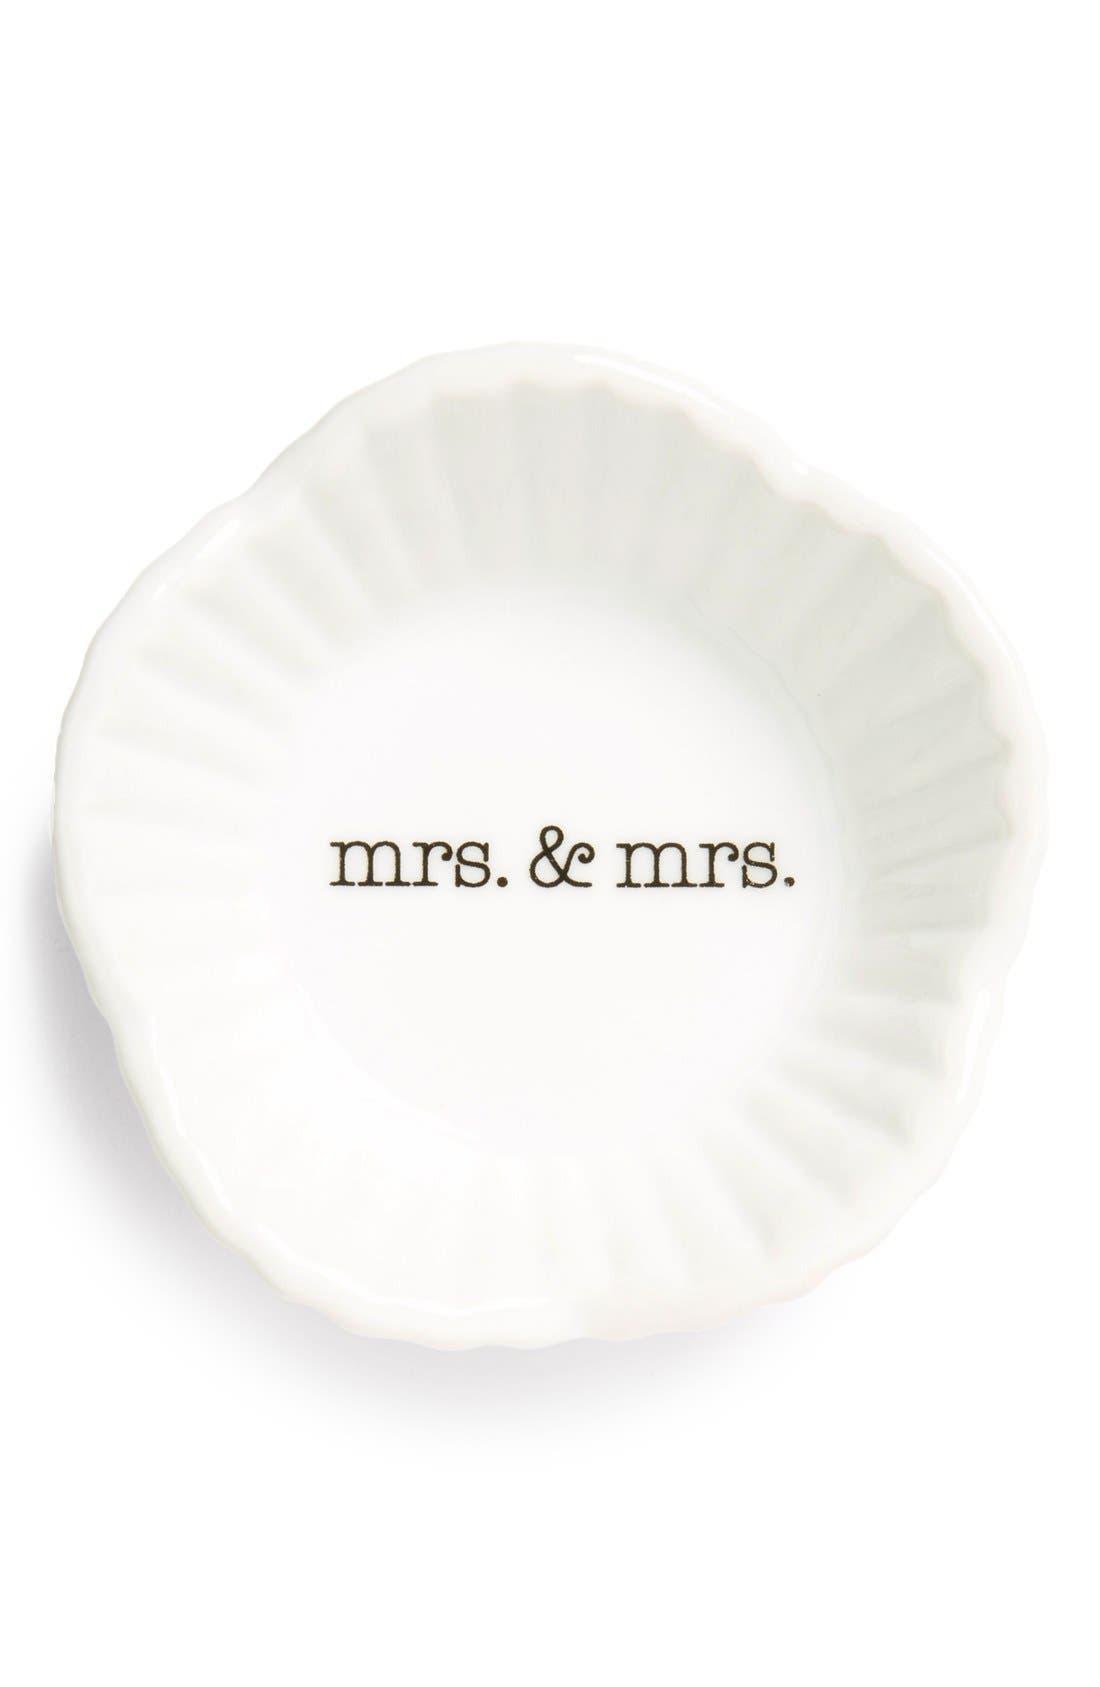 Main Image - Rosanna 'Mrs. & Mrs.' Porcelain Trinket Dish